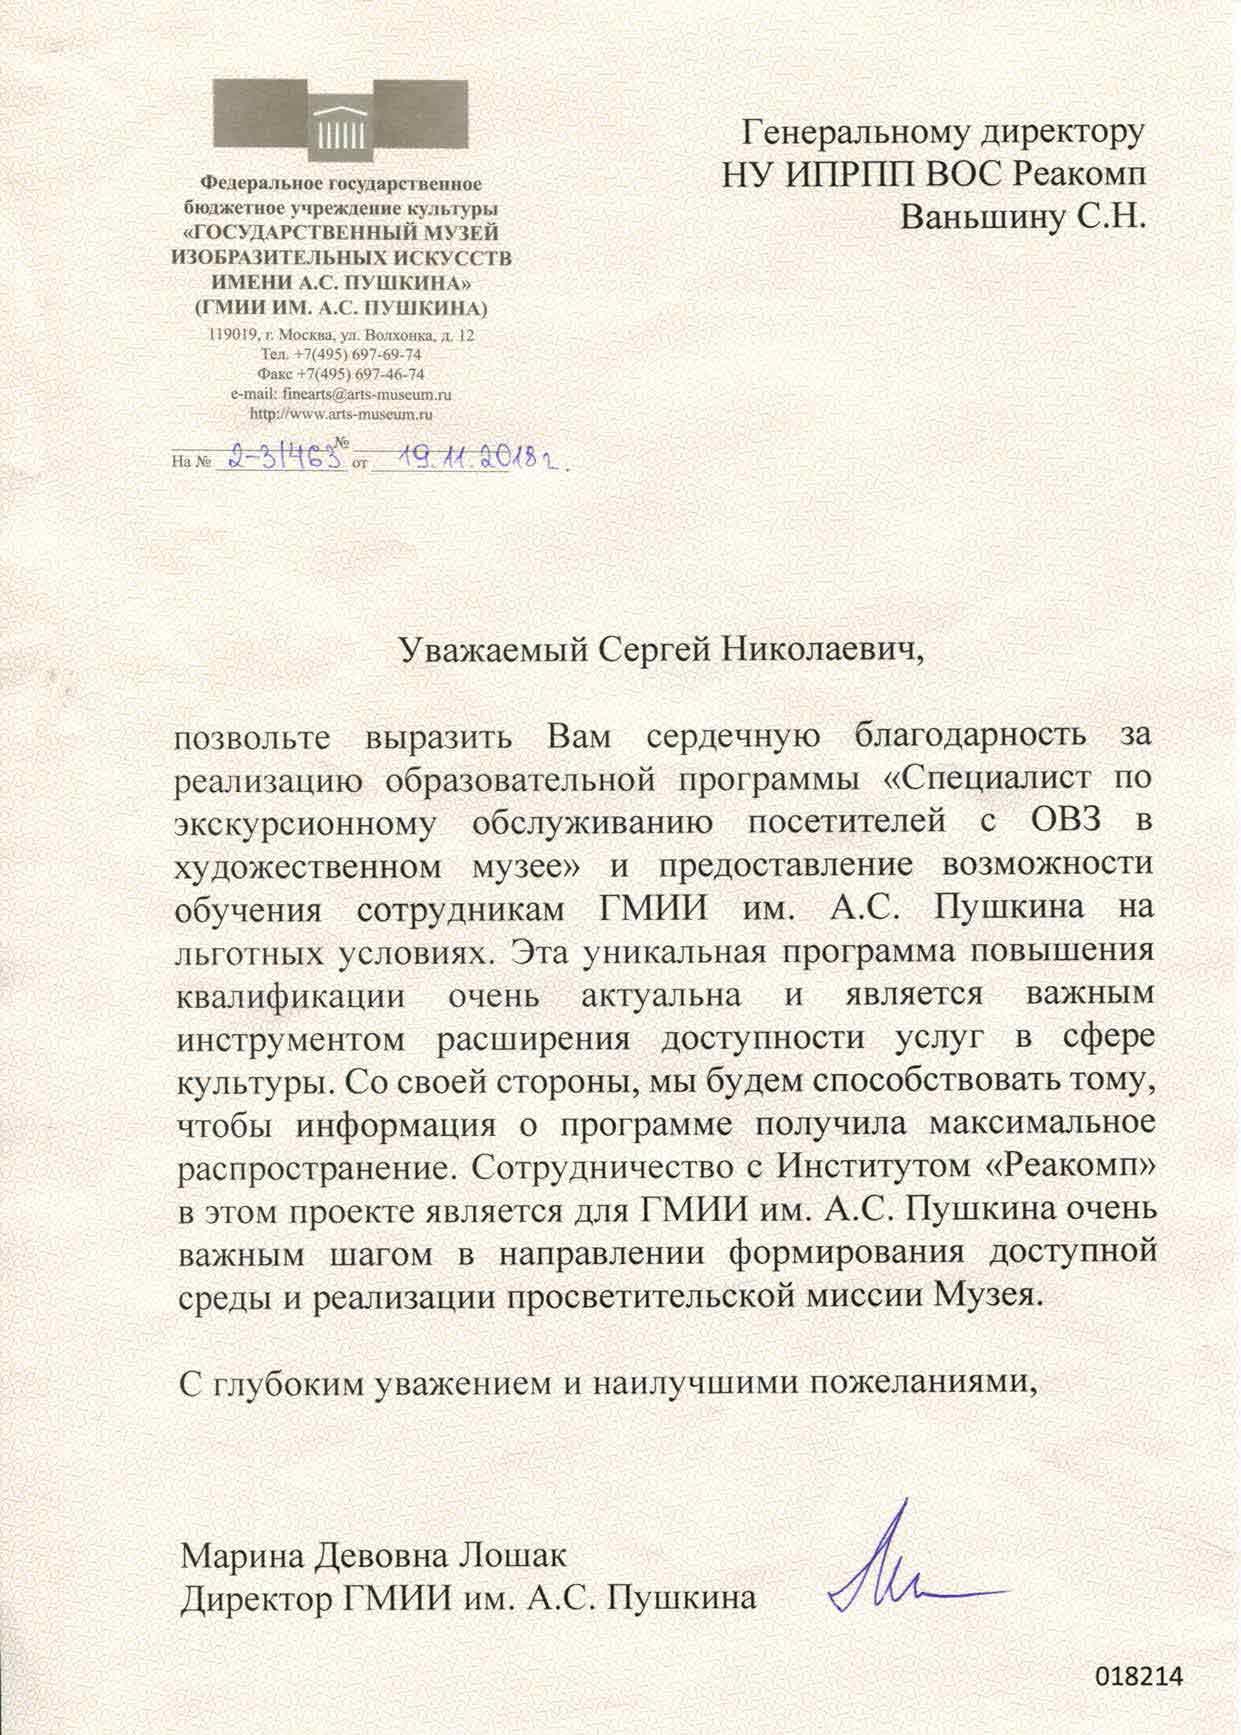 Благодарность Генеральному директору НУ ИПРПП ВОС «РЕАКОМП» С.Н. Ваньшину